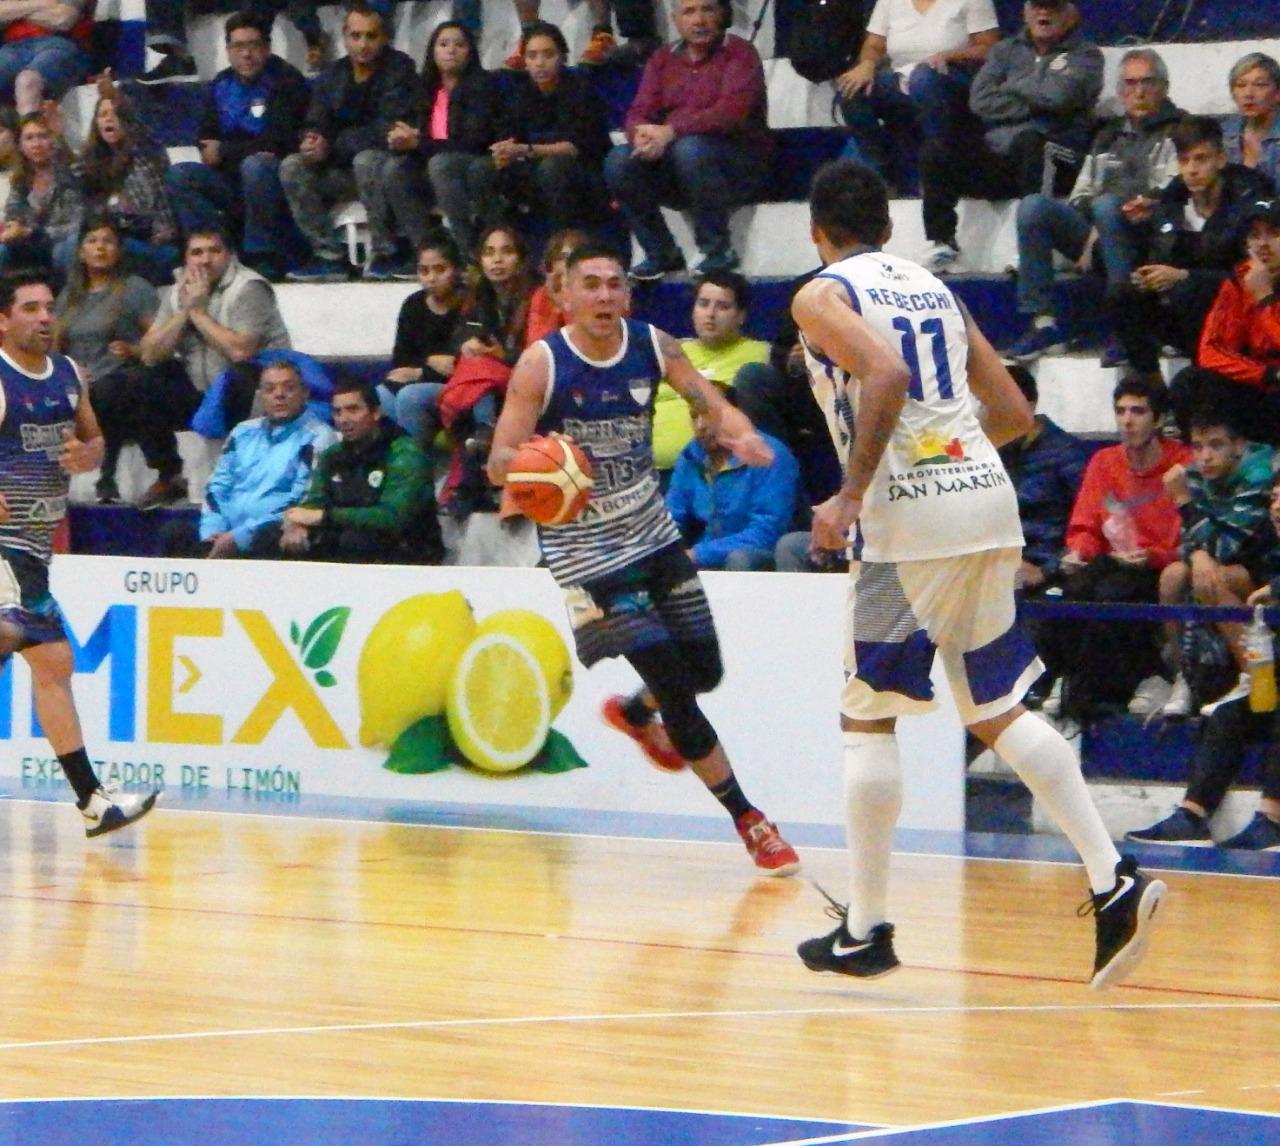 San Martín ganó en Tucumán y clasificó a la siguiente fase